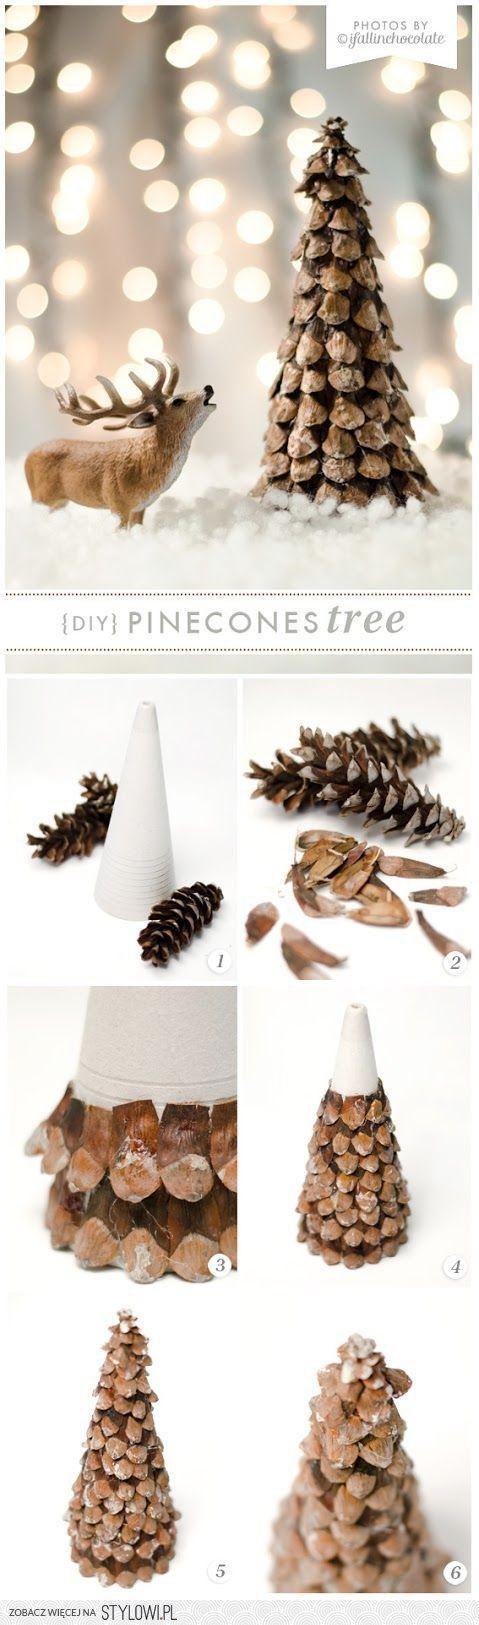 zu weihnachten basteln diy bastelideen weihnachtsbaum basteln weihnachten geschenkideen. Black Bedroom Furniture Sets. Home Design Ideas